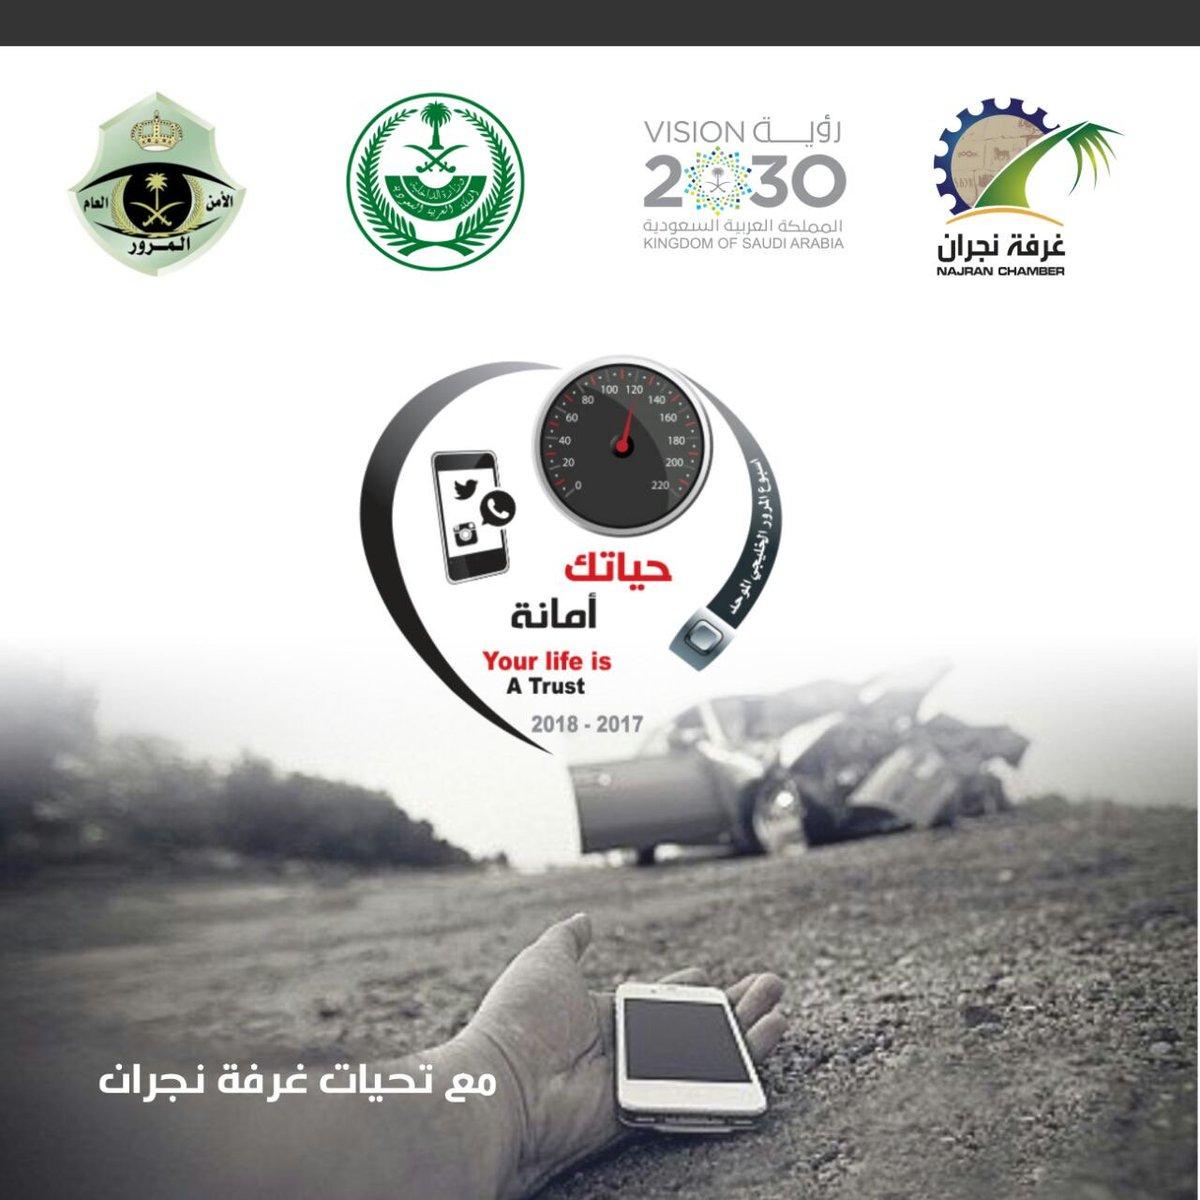 غـ ـرفـ ـة نــجـران نعود بحذر On Twitter أسبوع المرور الخليجي الموحد ٢٠١٧ تحت شعار حياتك أمانة